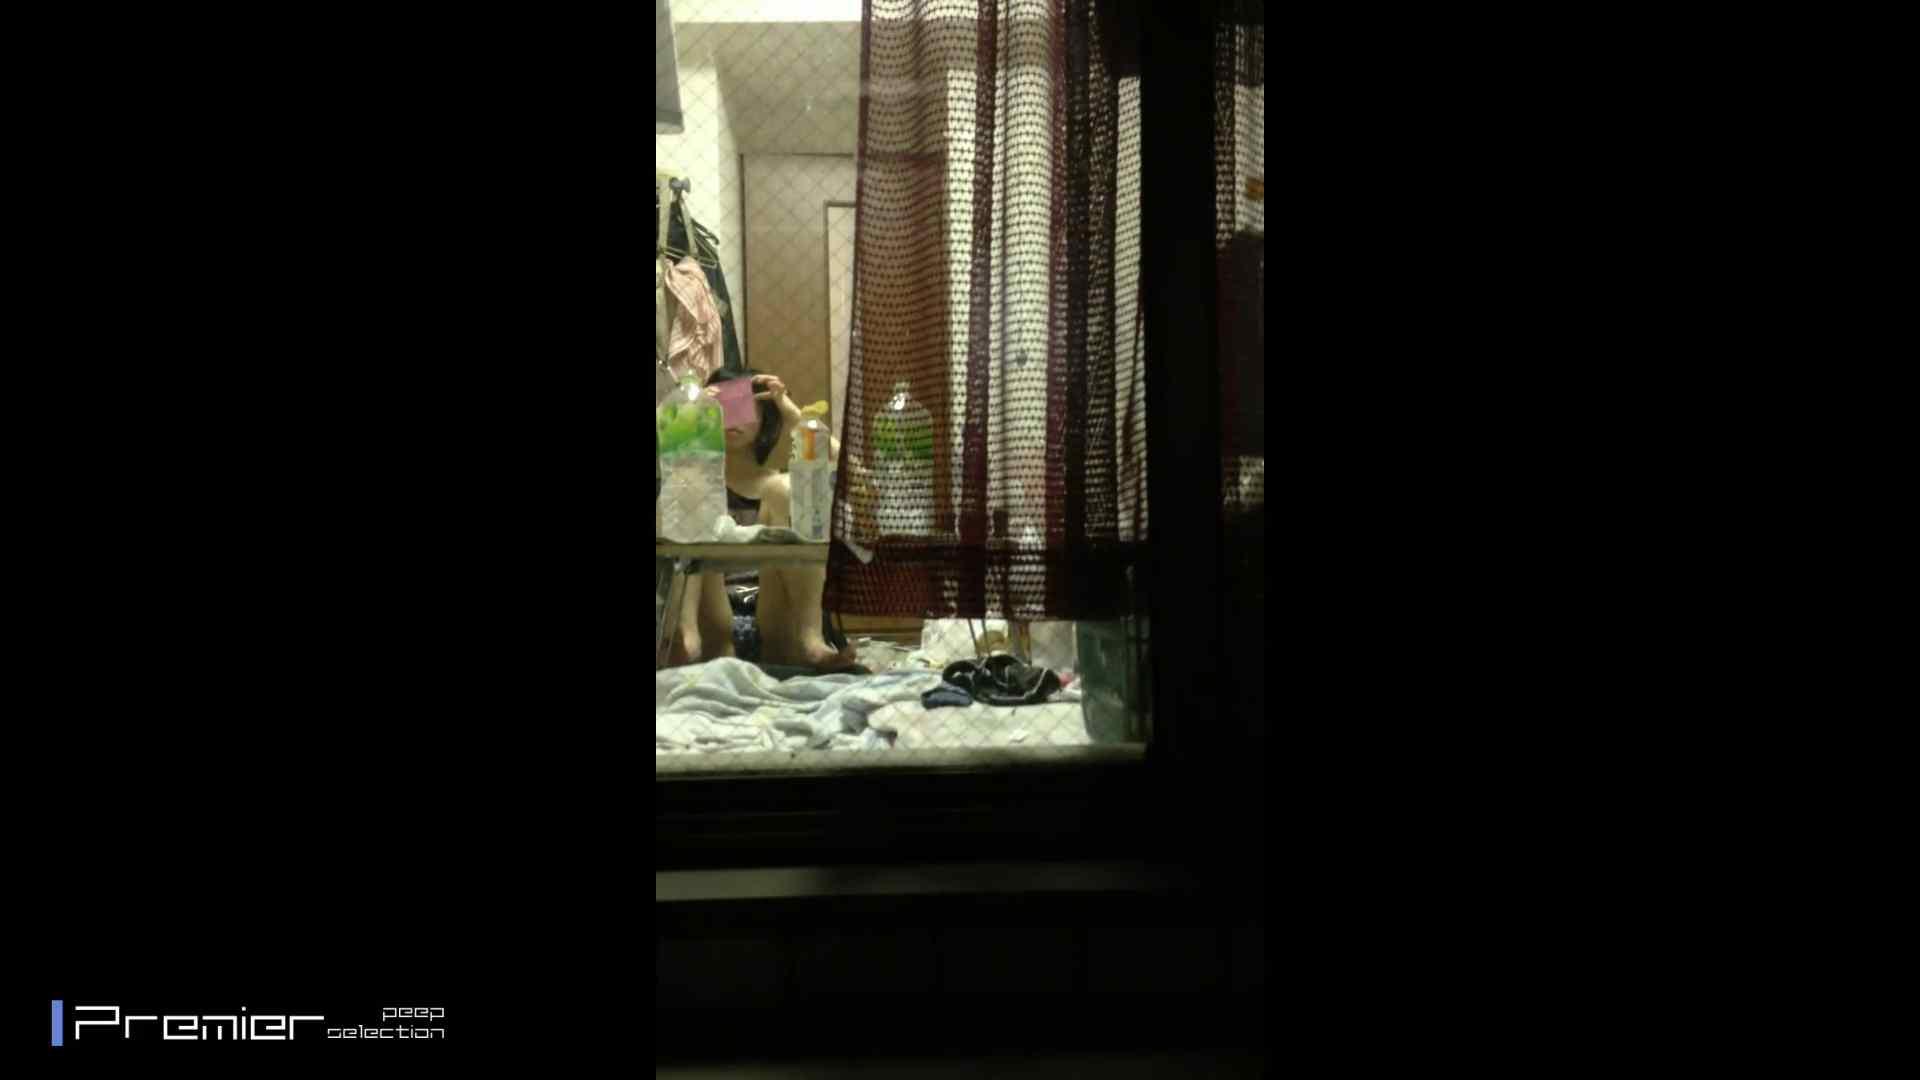 美女達の私生活に潜入!可愛い女子大生のプライベートに潜入 プライベート 隠し撮りオマンコ動画紹介 105pic 4